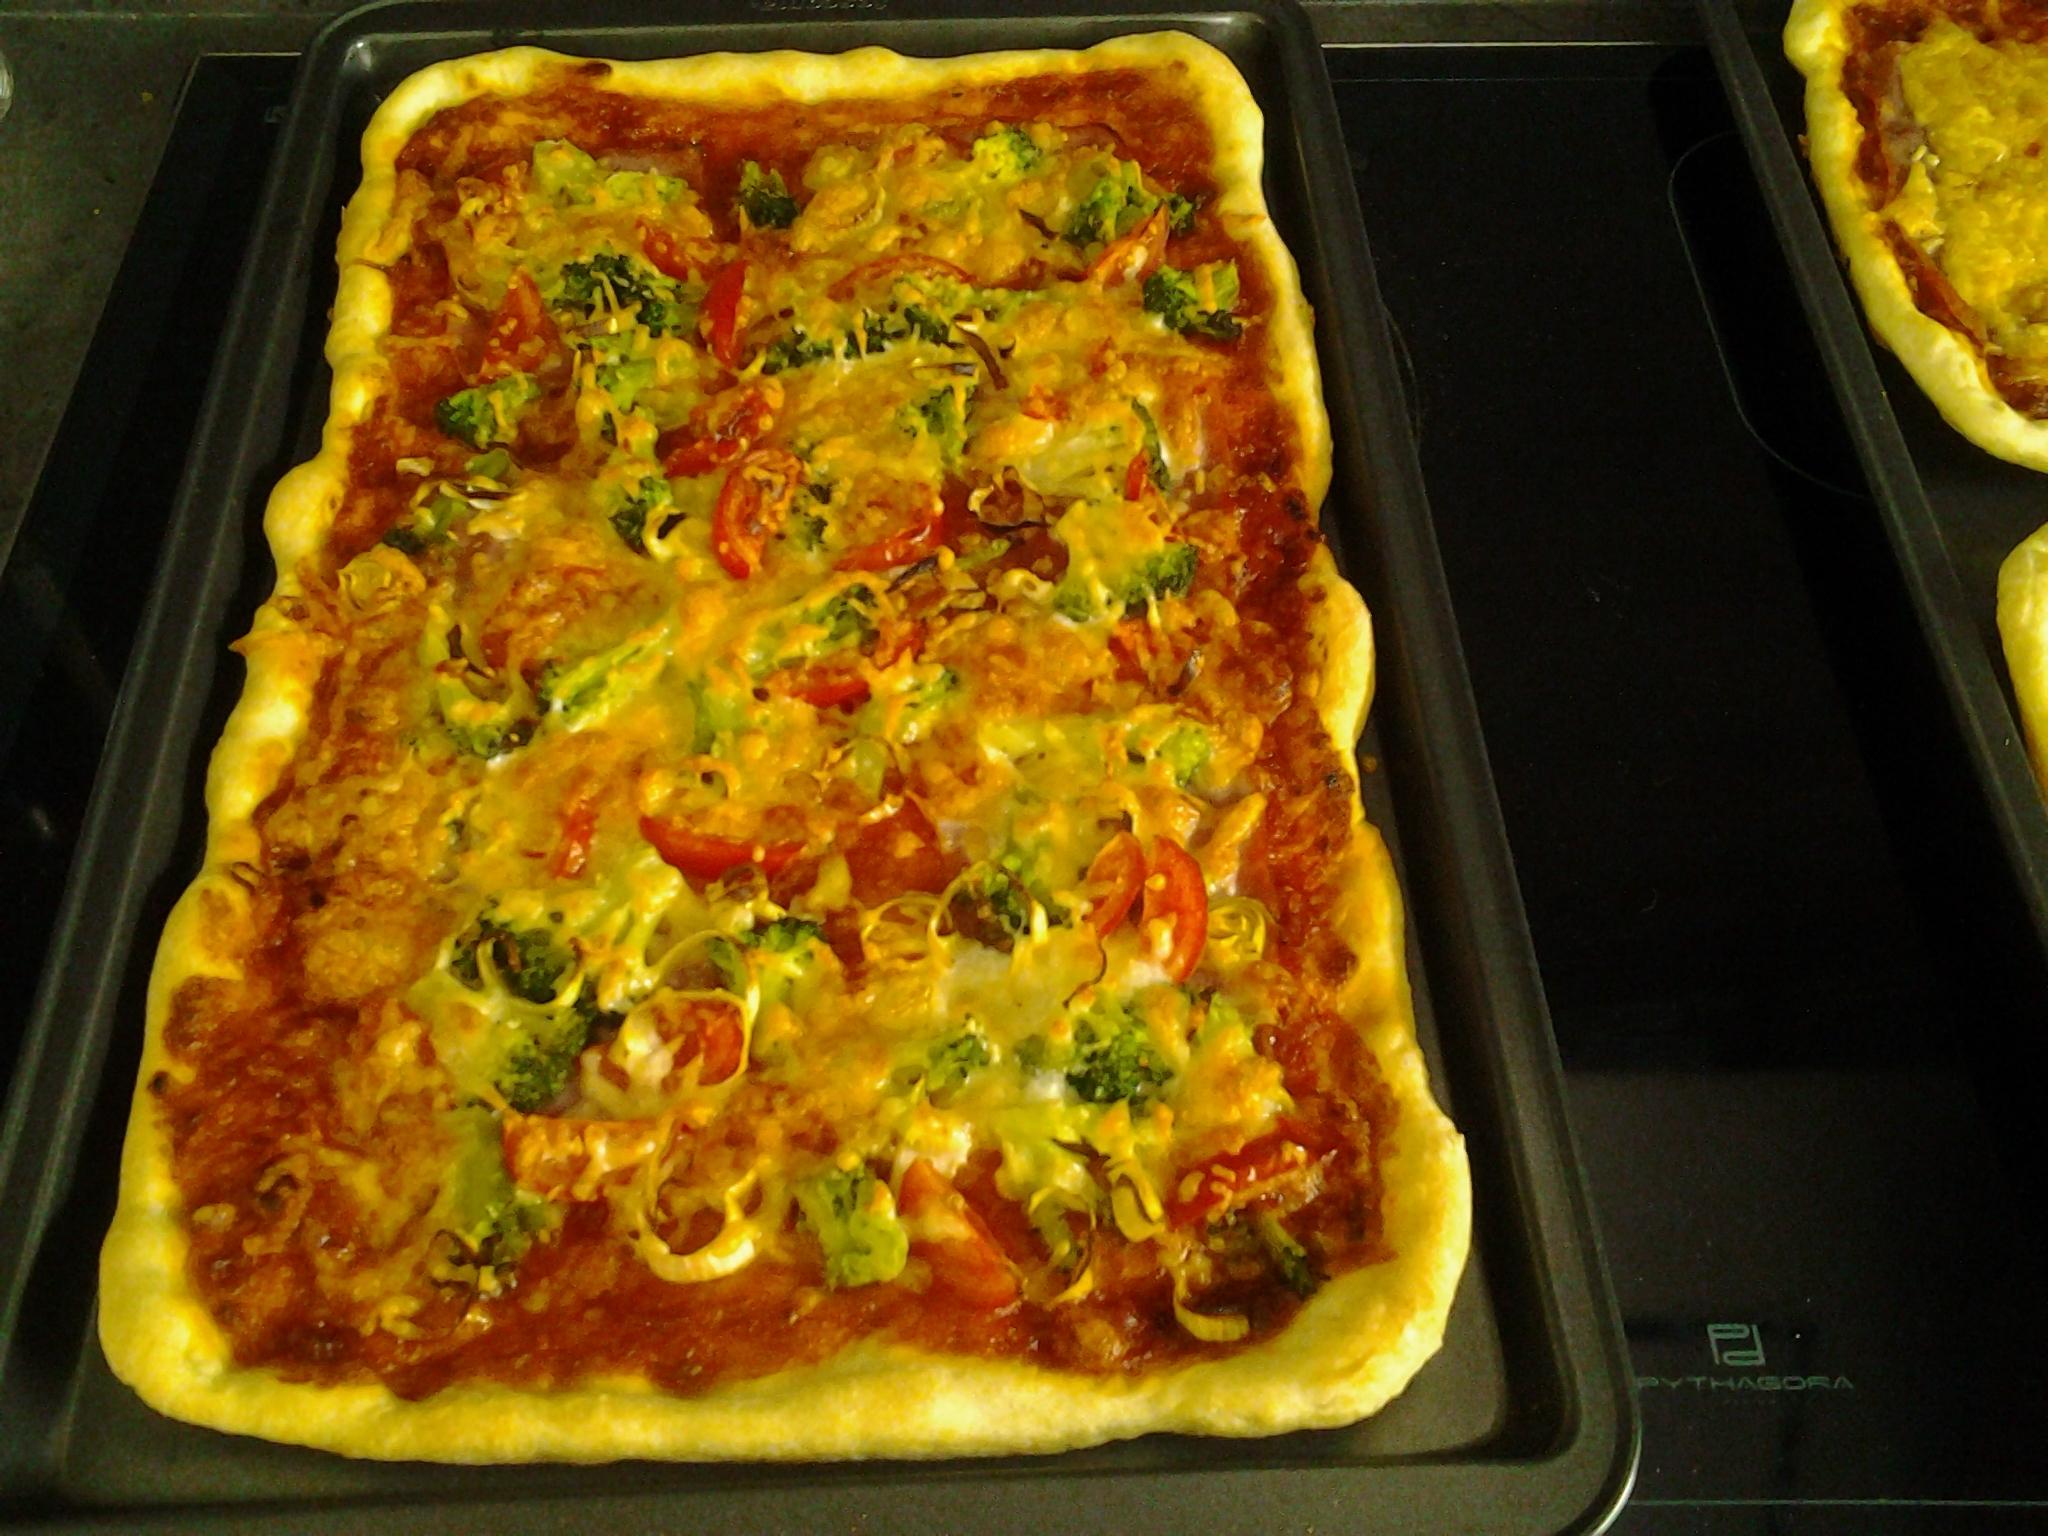 Recept Těsto na pizzu z pizzerie - Naše pizza